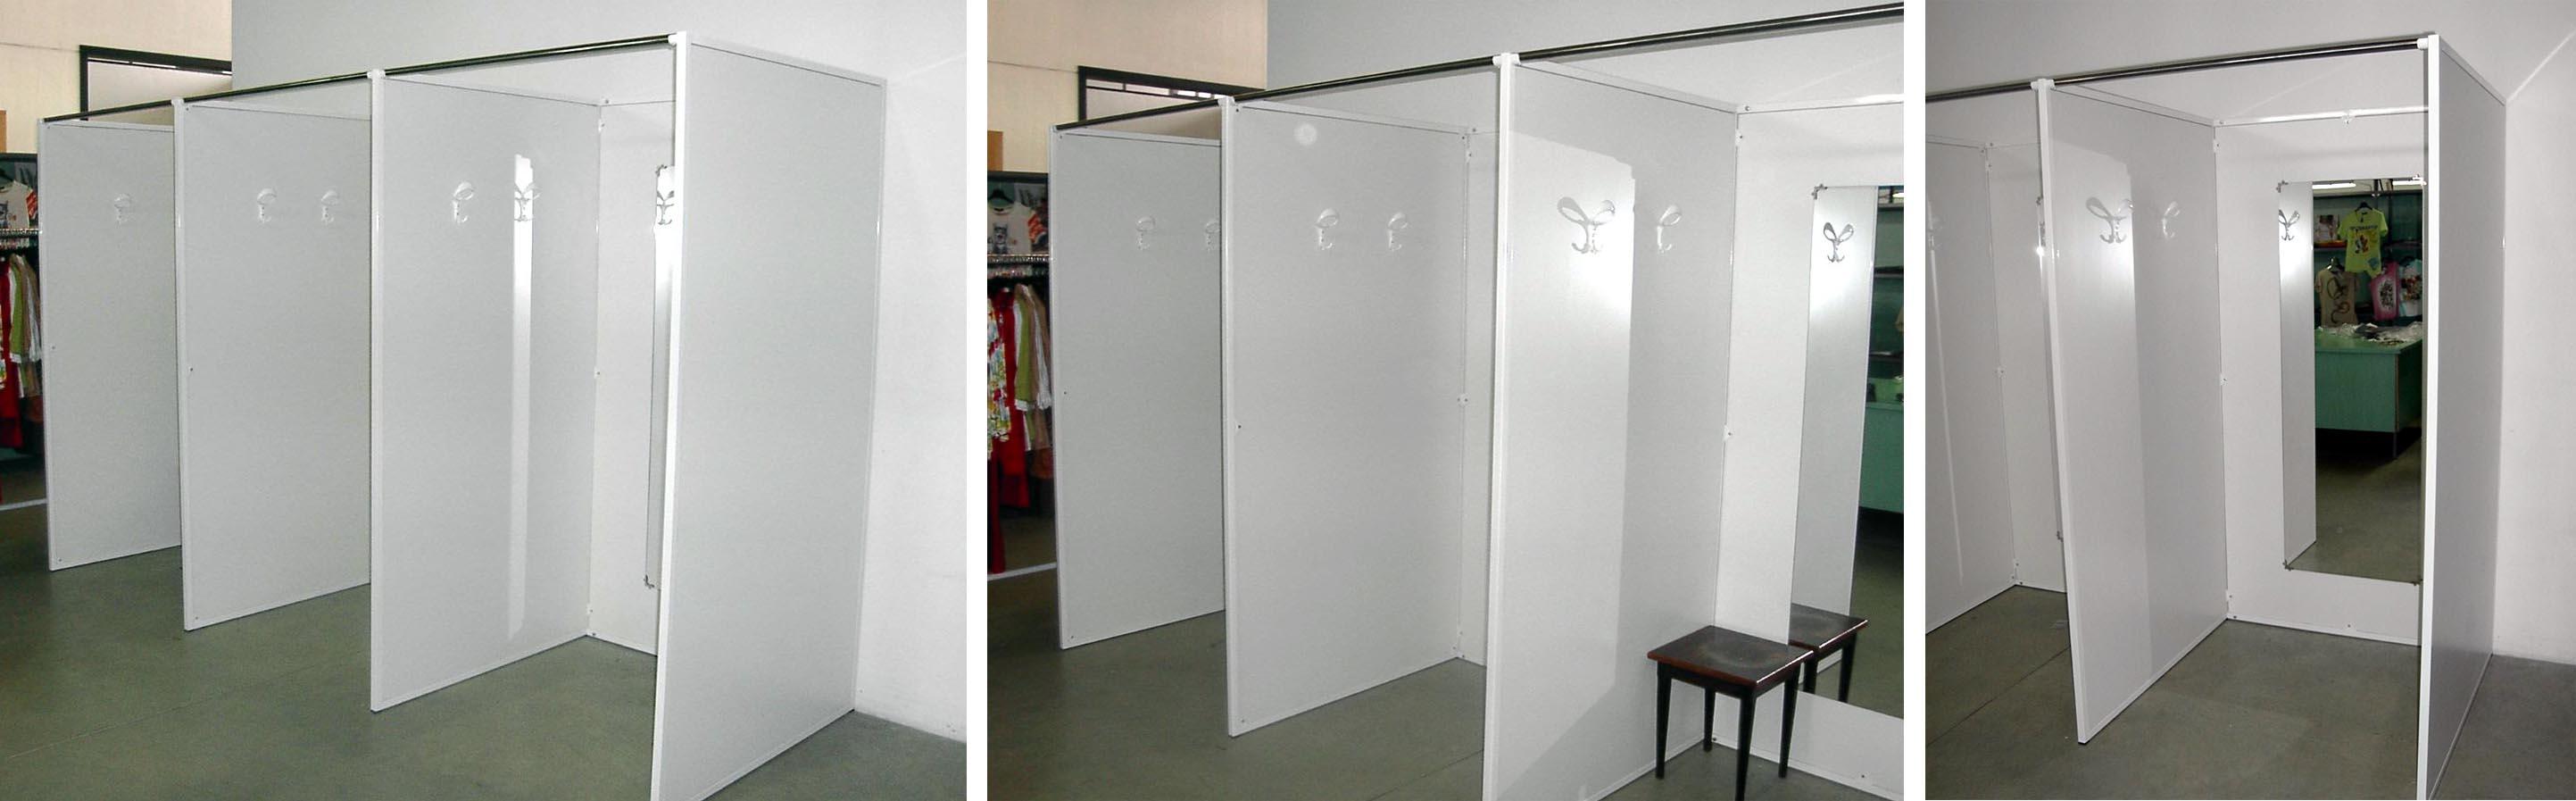 Arredamento negozi: fornitura camerini prova Produzione vendita e ...